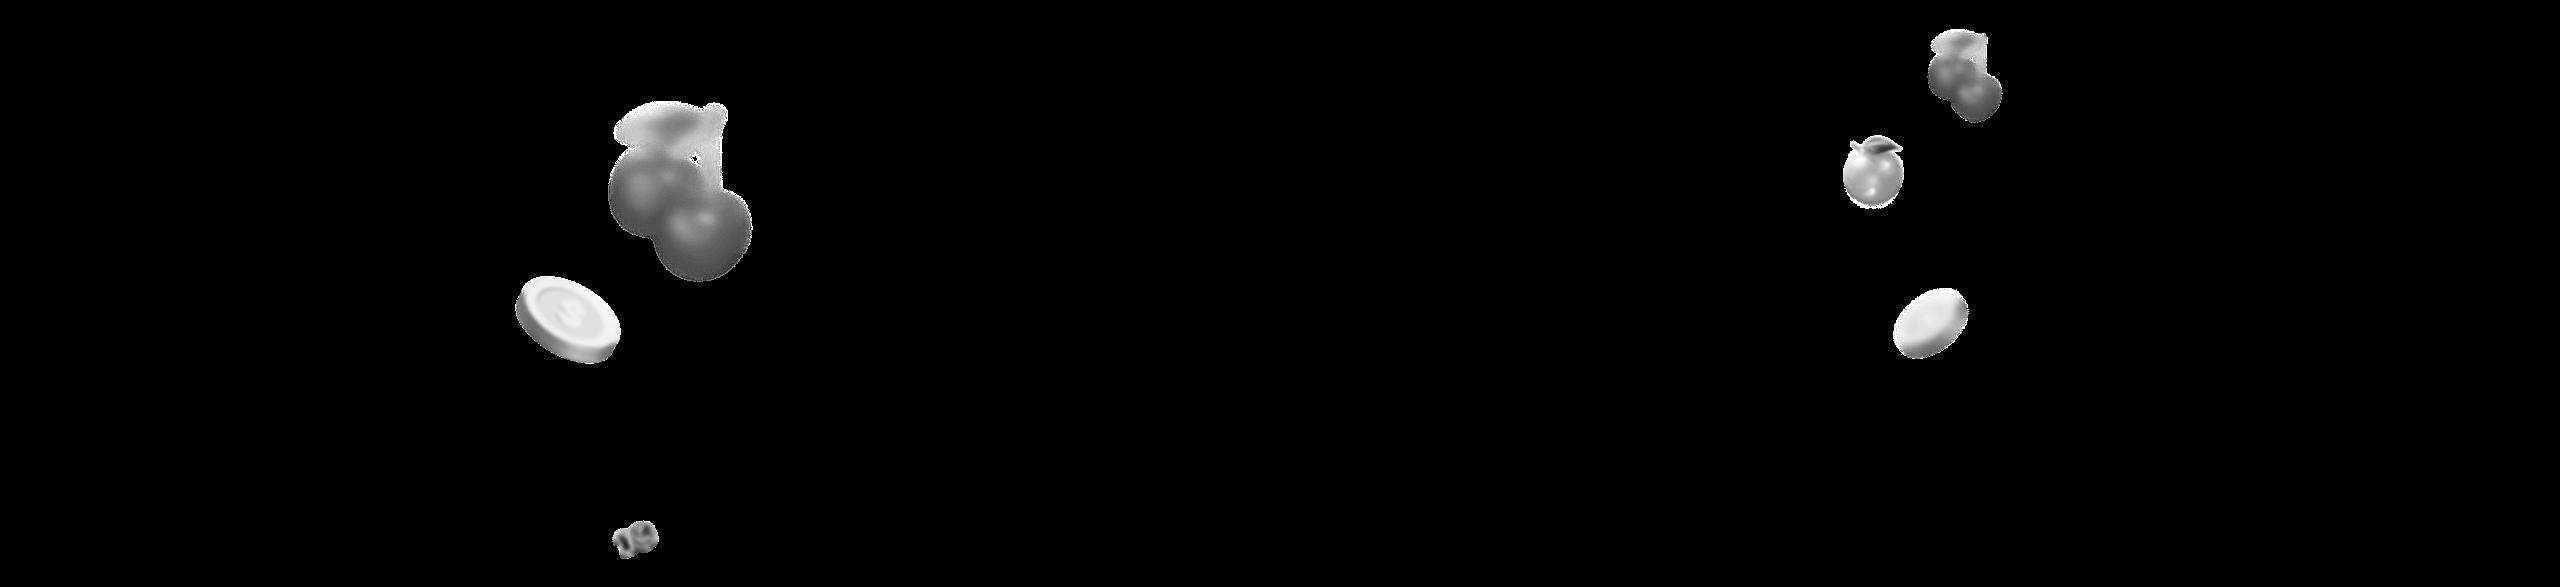 Apollo Games - obrázek na pozadí